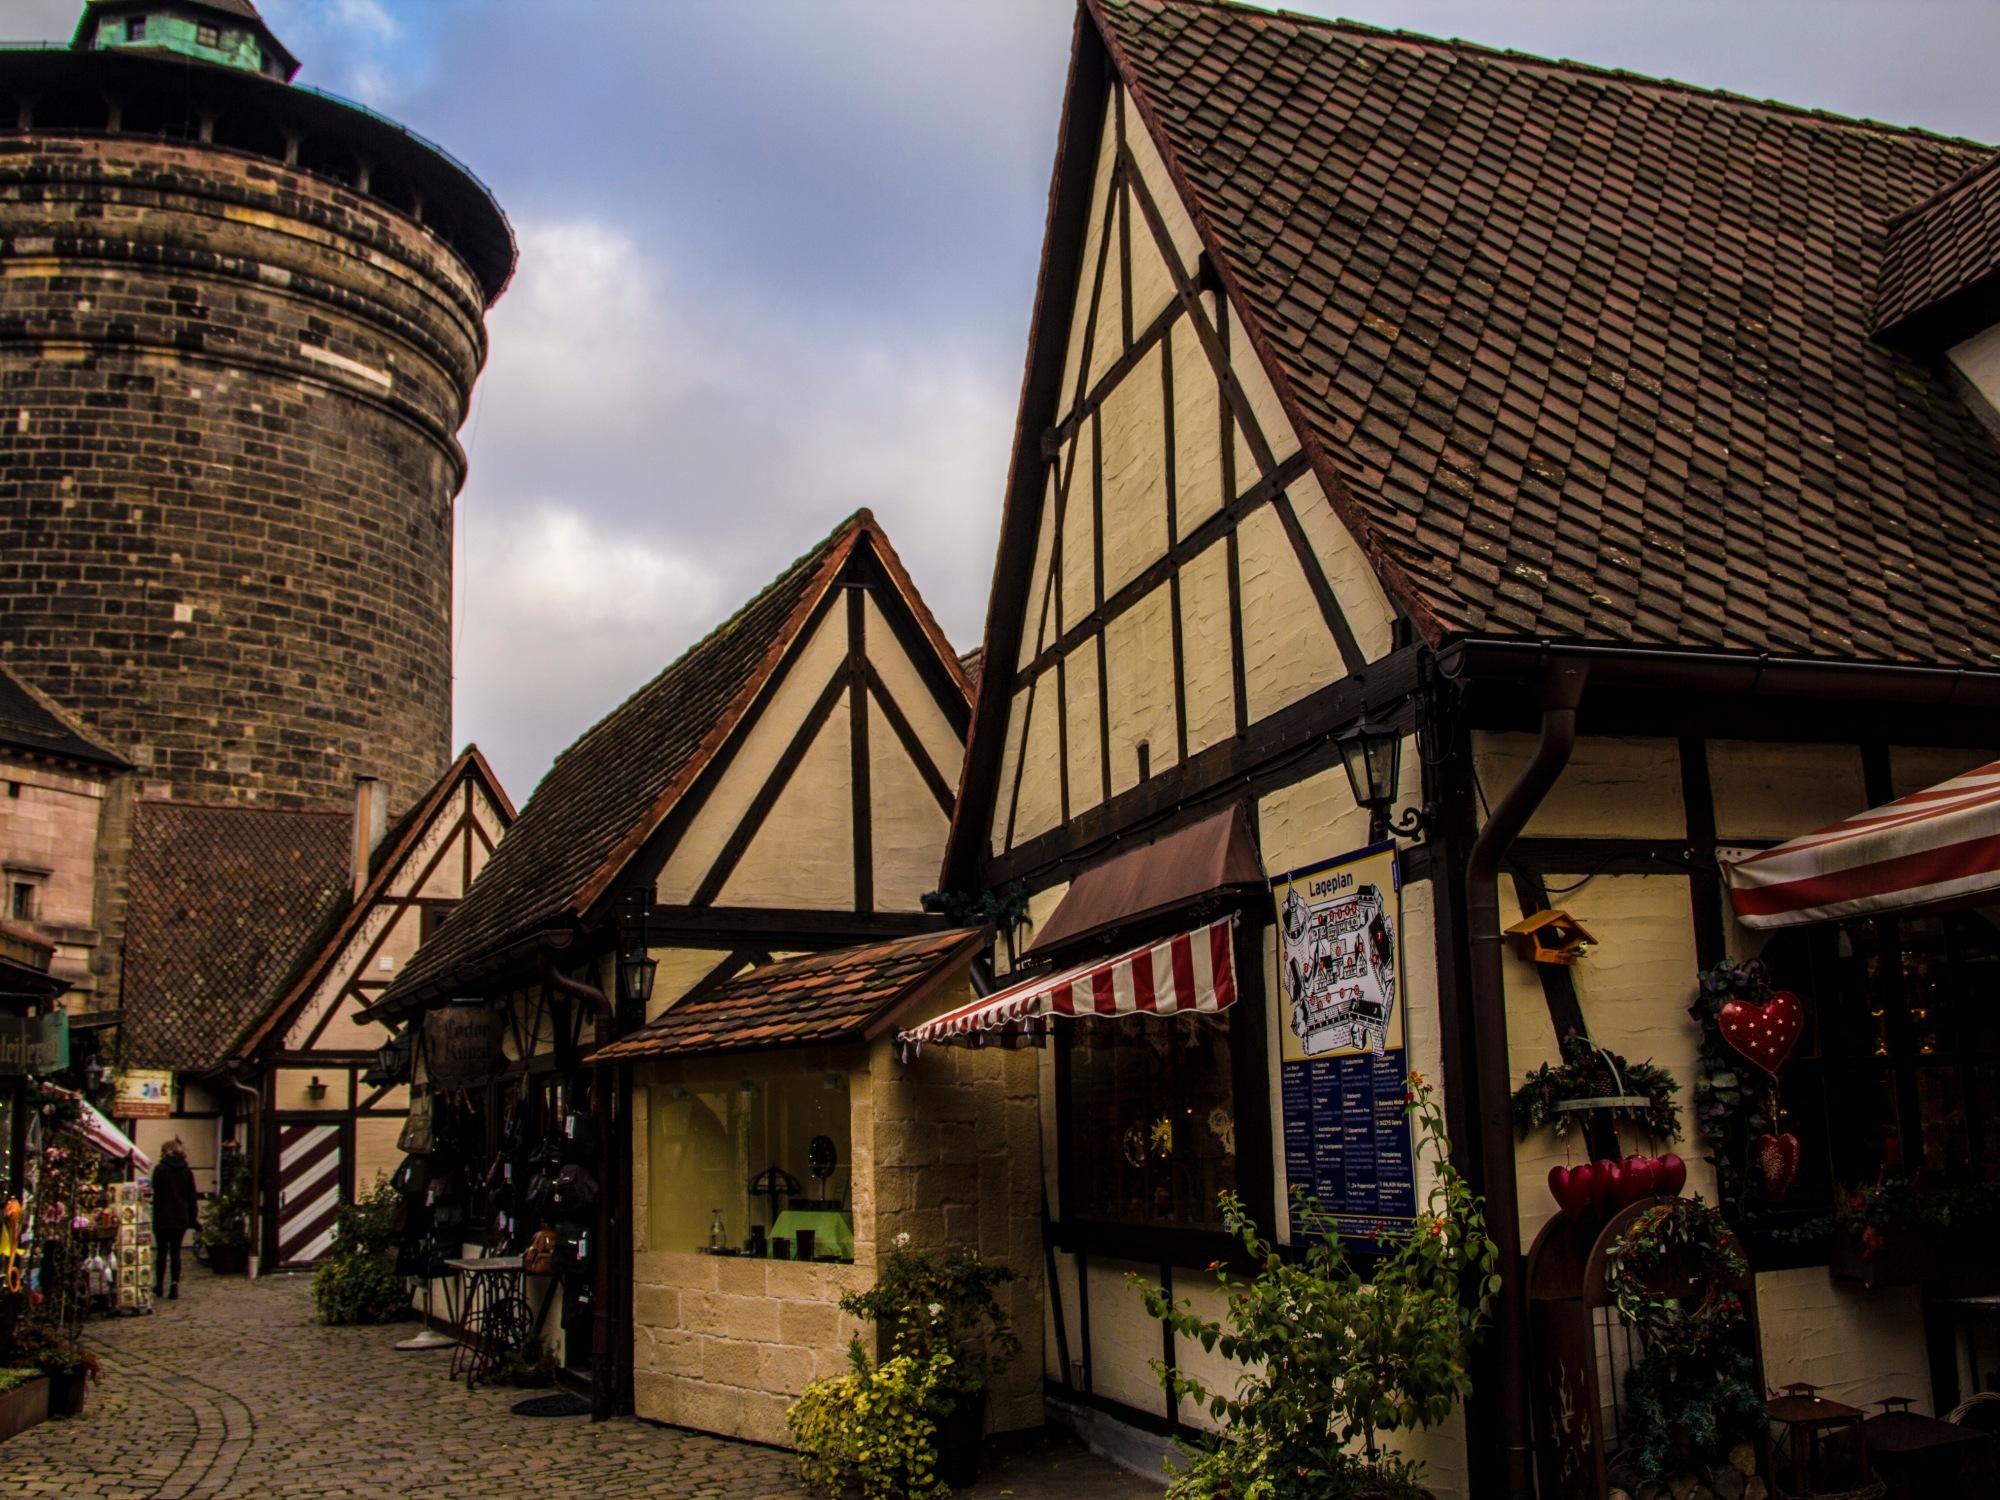 Handwerkerhof, Nuremberg, Germany